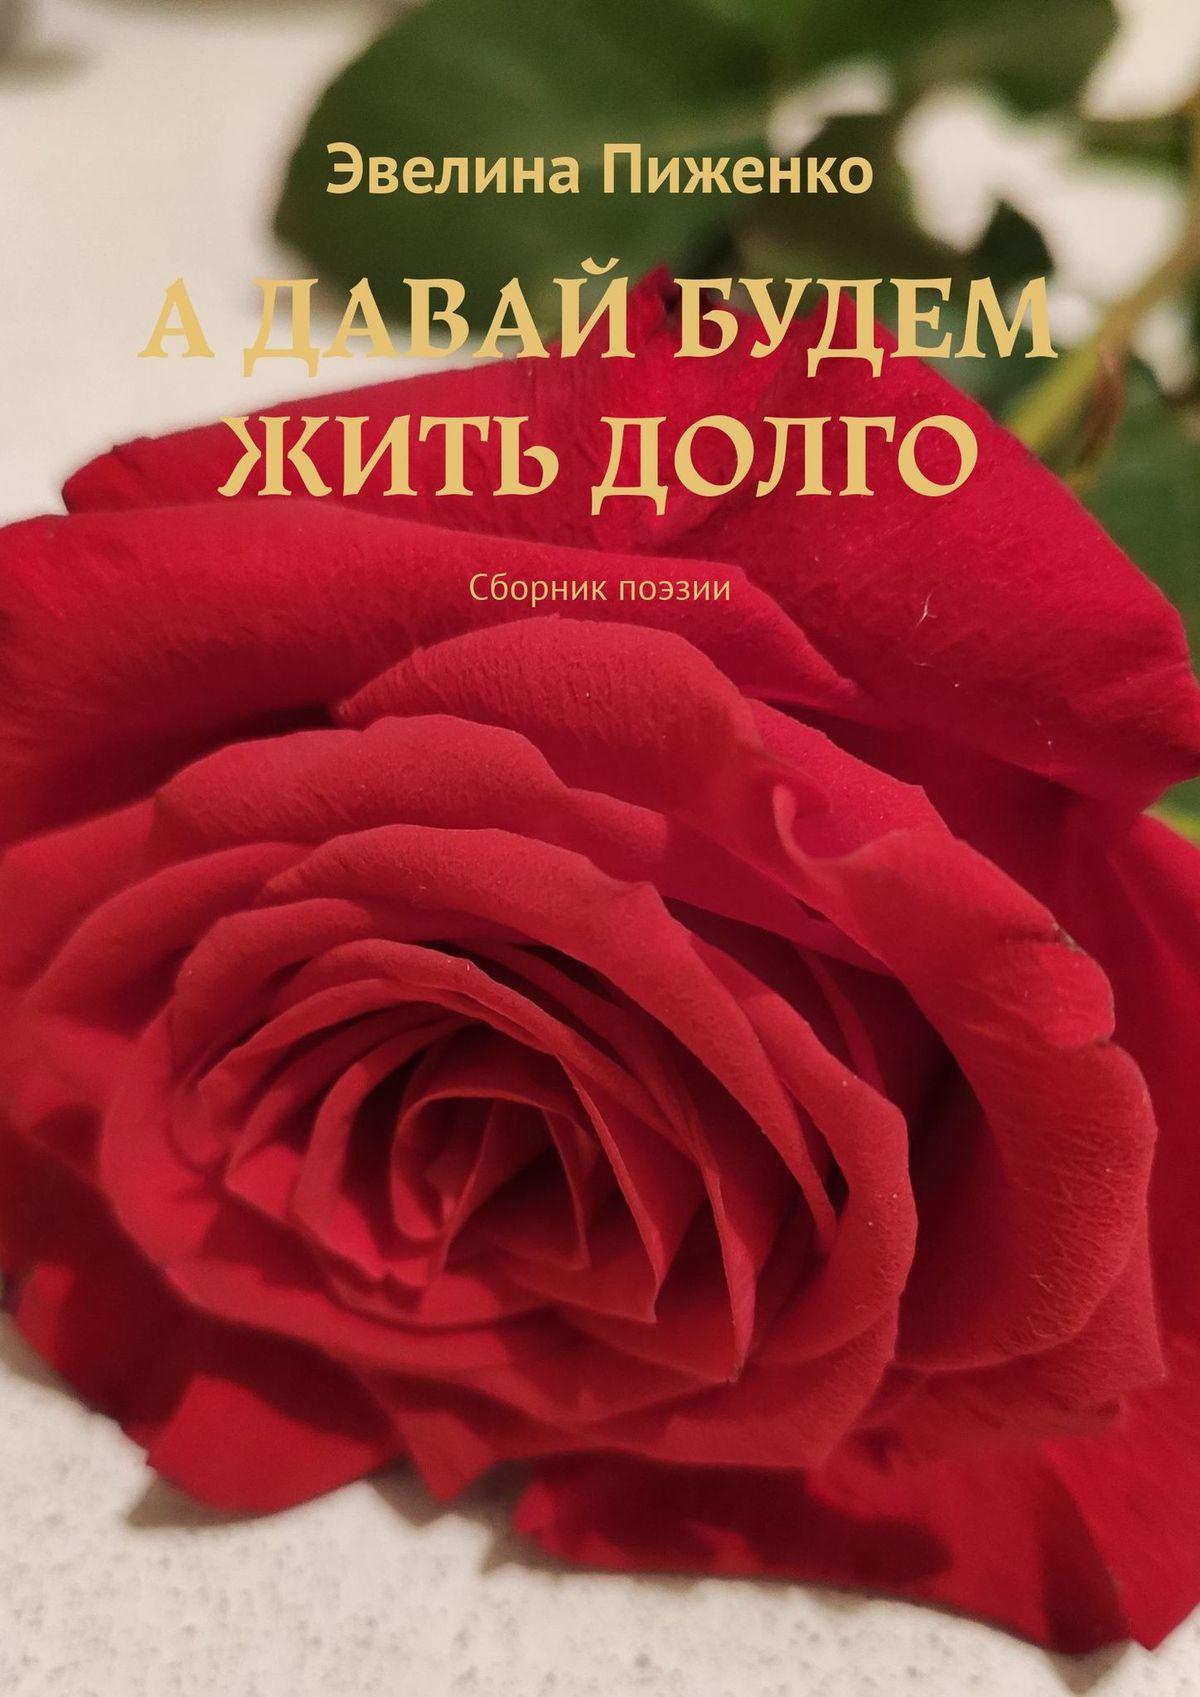 Эвелина Николаевна Пиженко А я не знала, что любовь.... Сборник стихов